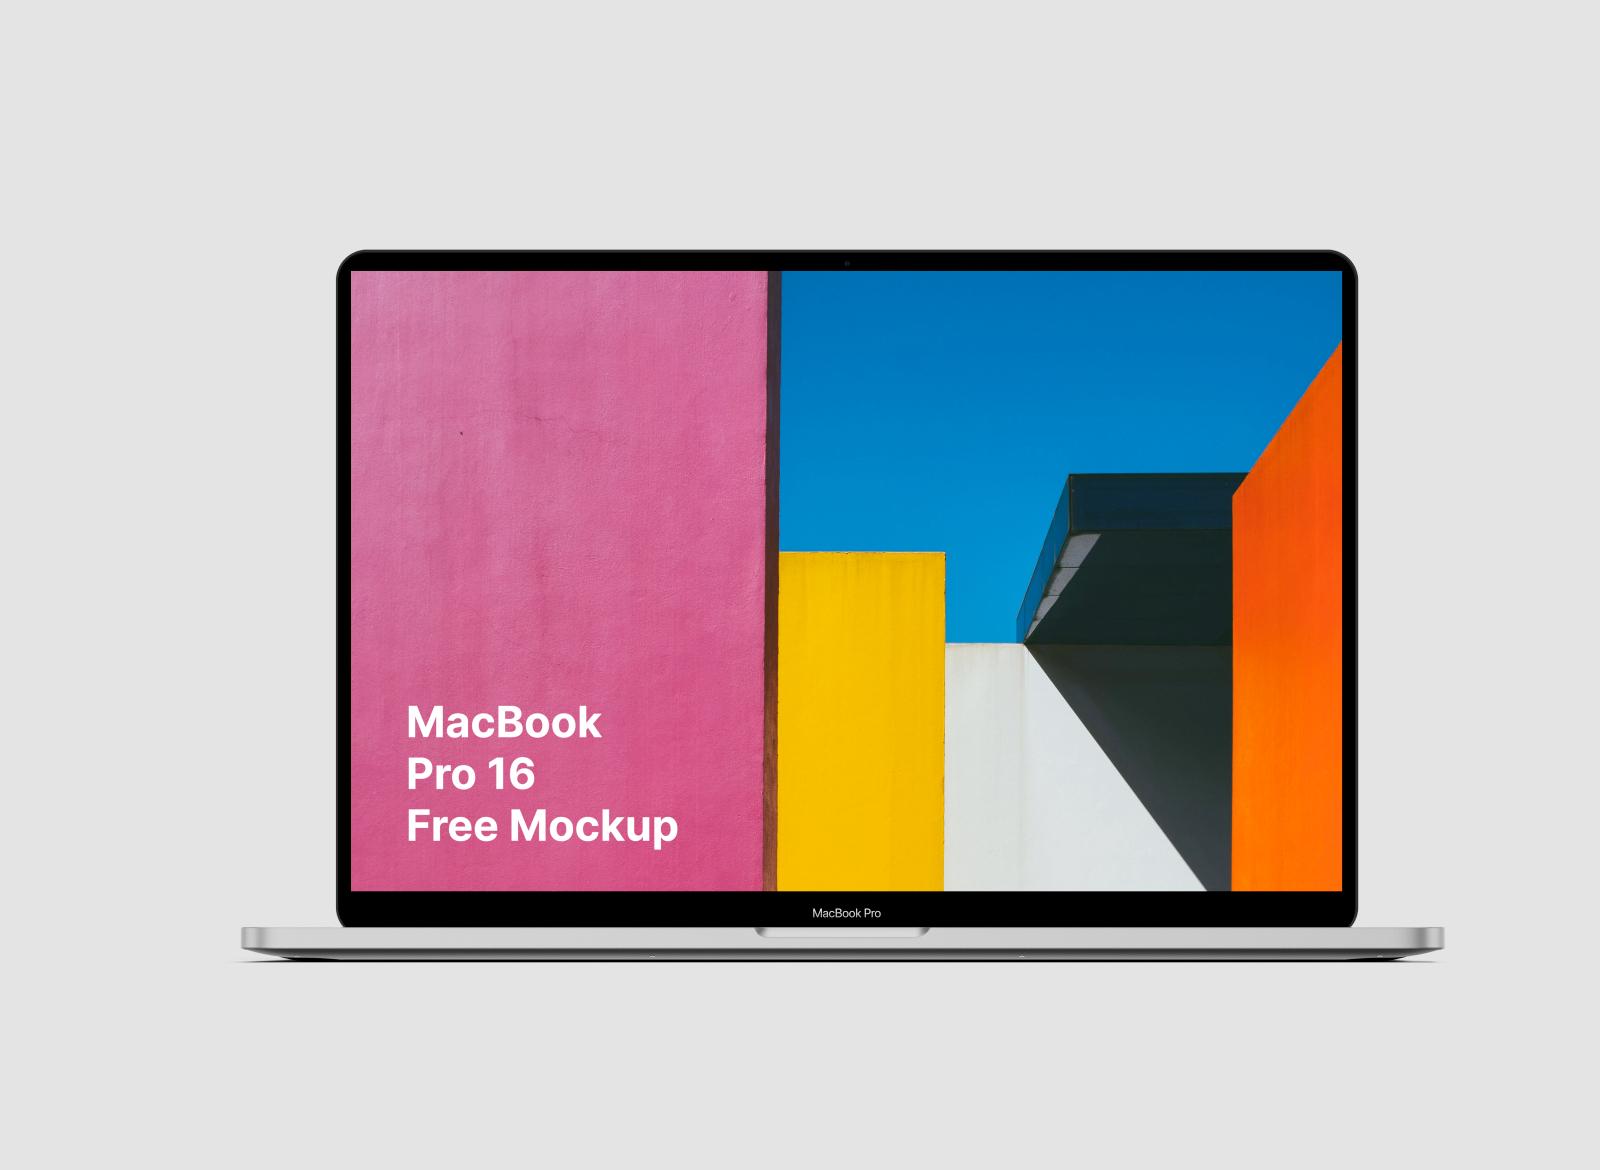 免费MacBookPro 16笔记本电脑样机插图